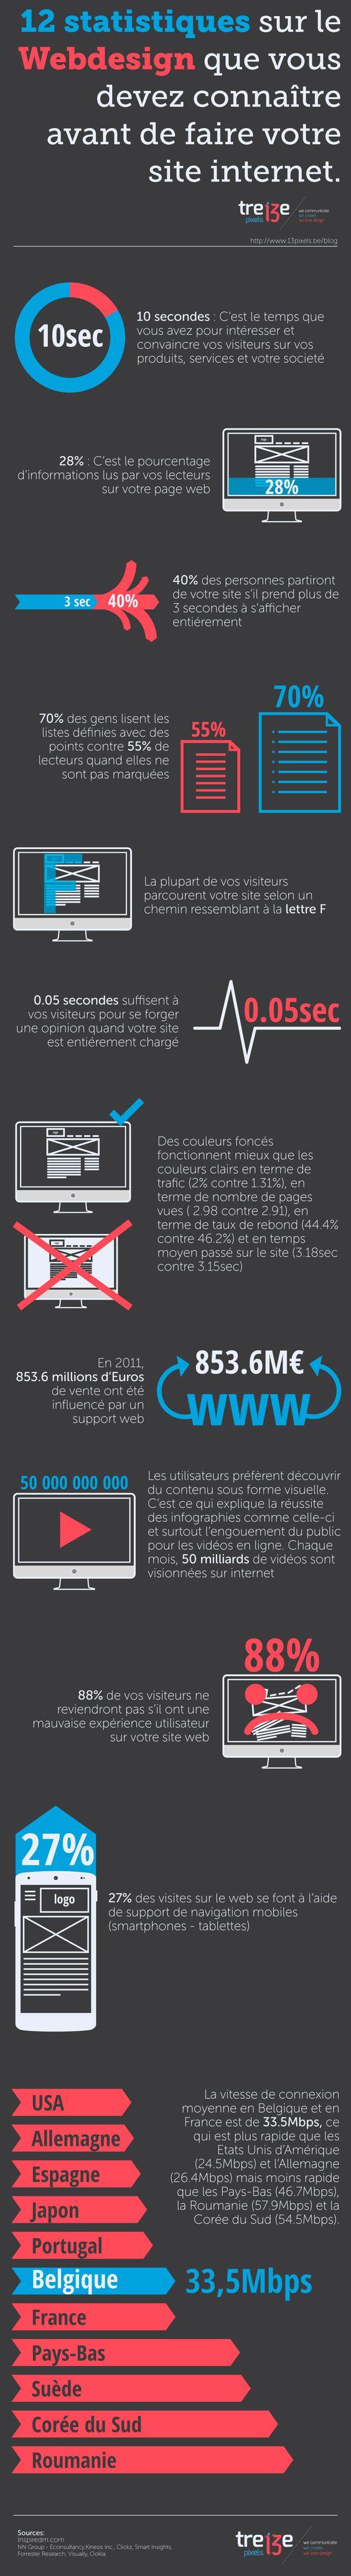 12 statistiques sur le Webdesign que vous devez connaitre avant de faire votre site